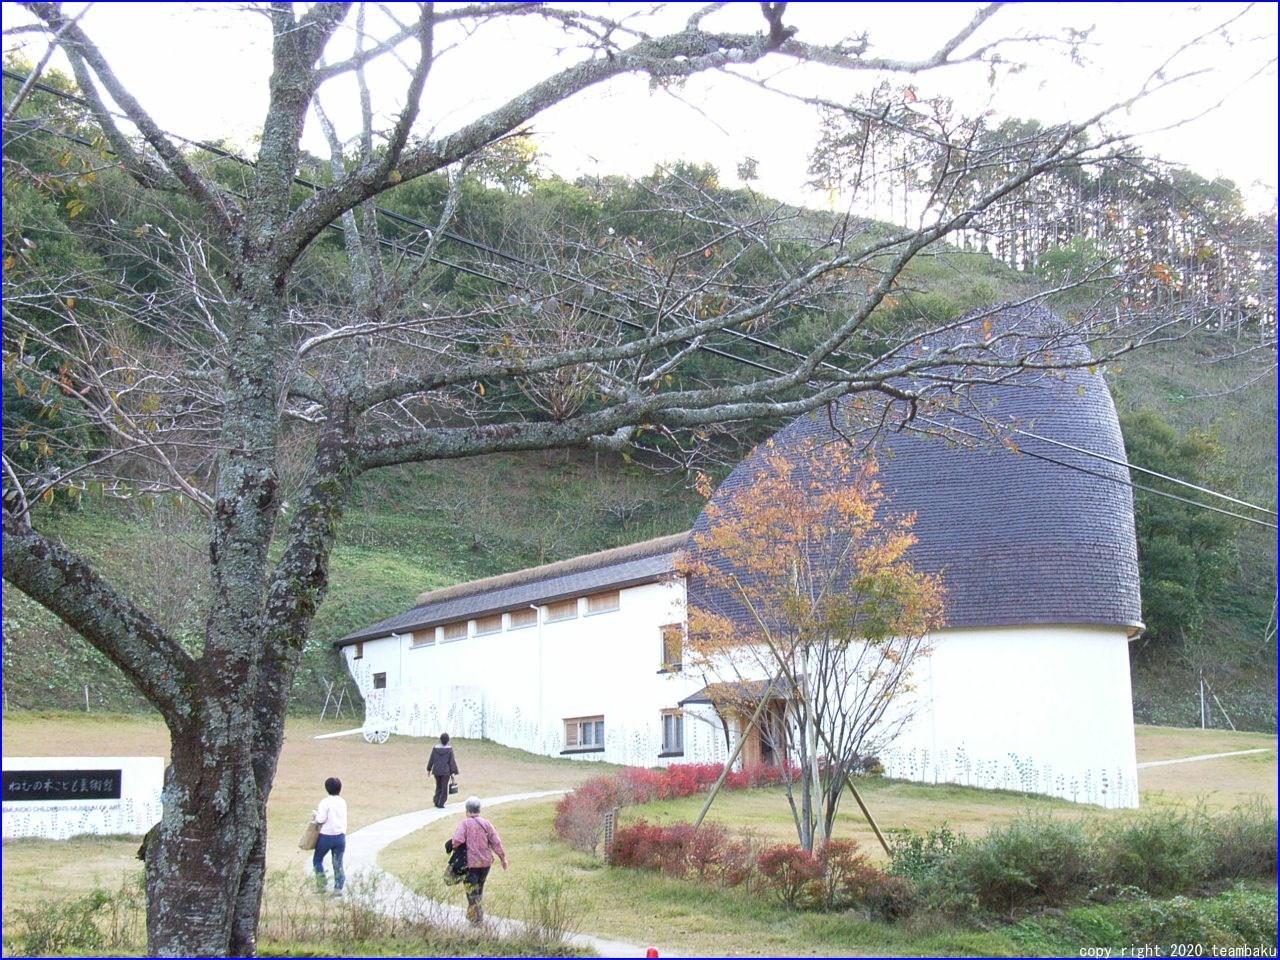 ねむの木学園に思う_c0376508_10412769.jpg